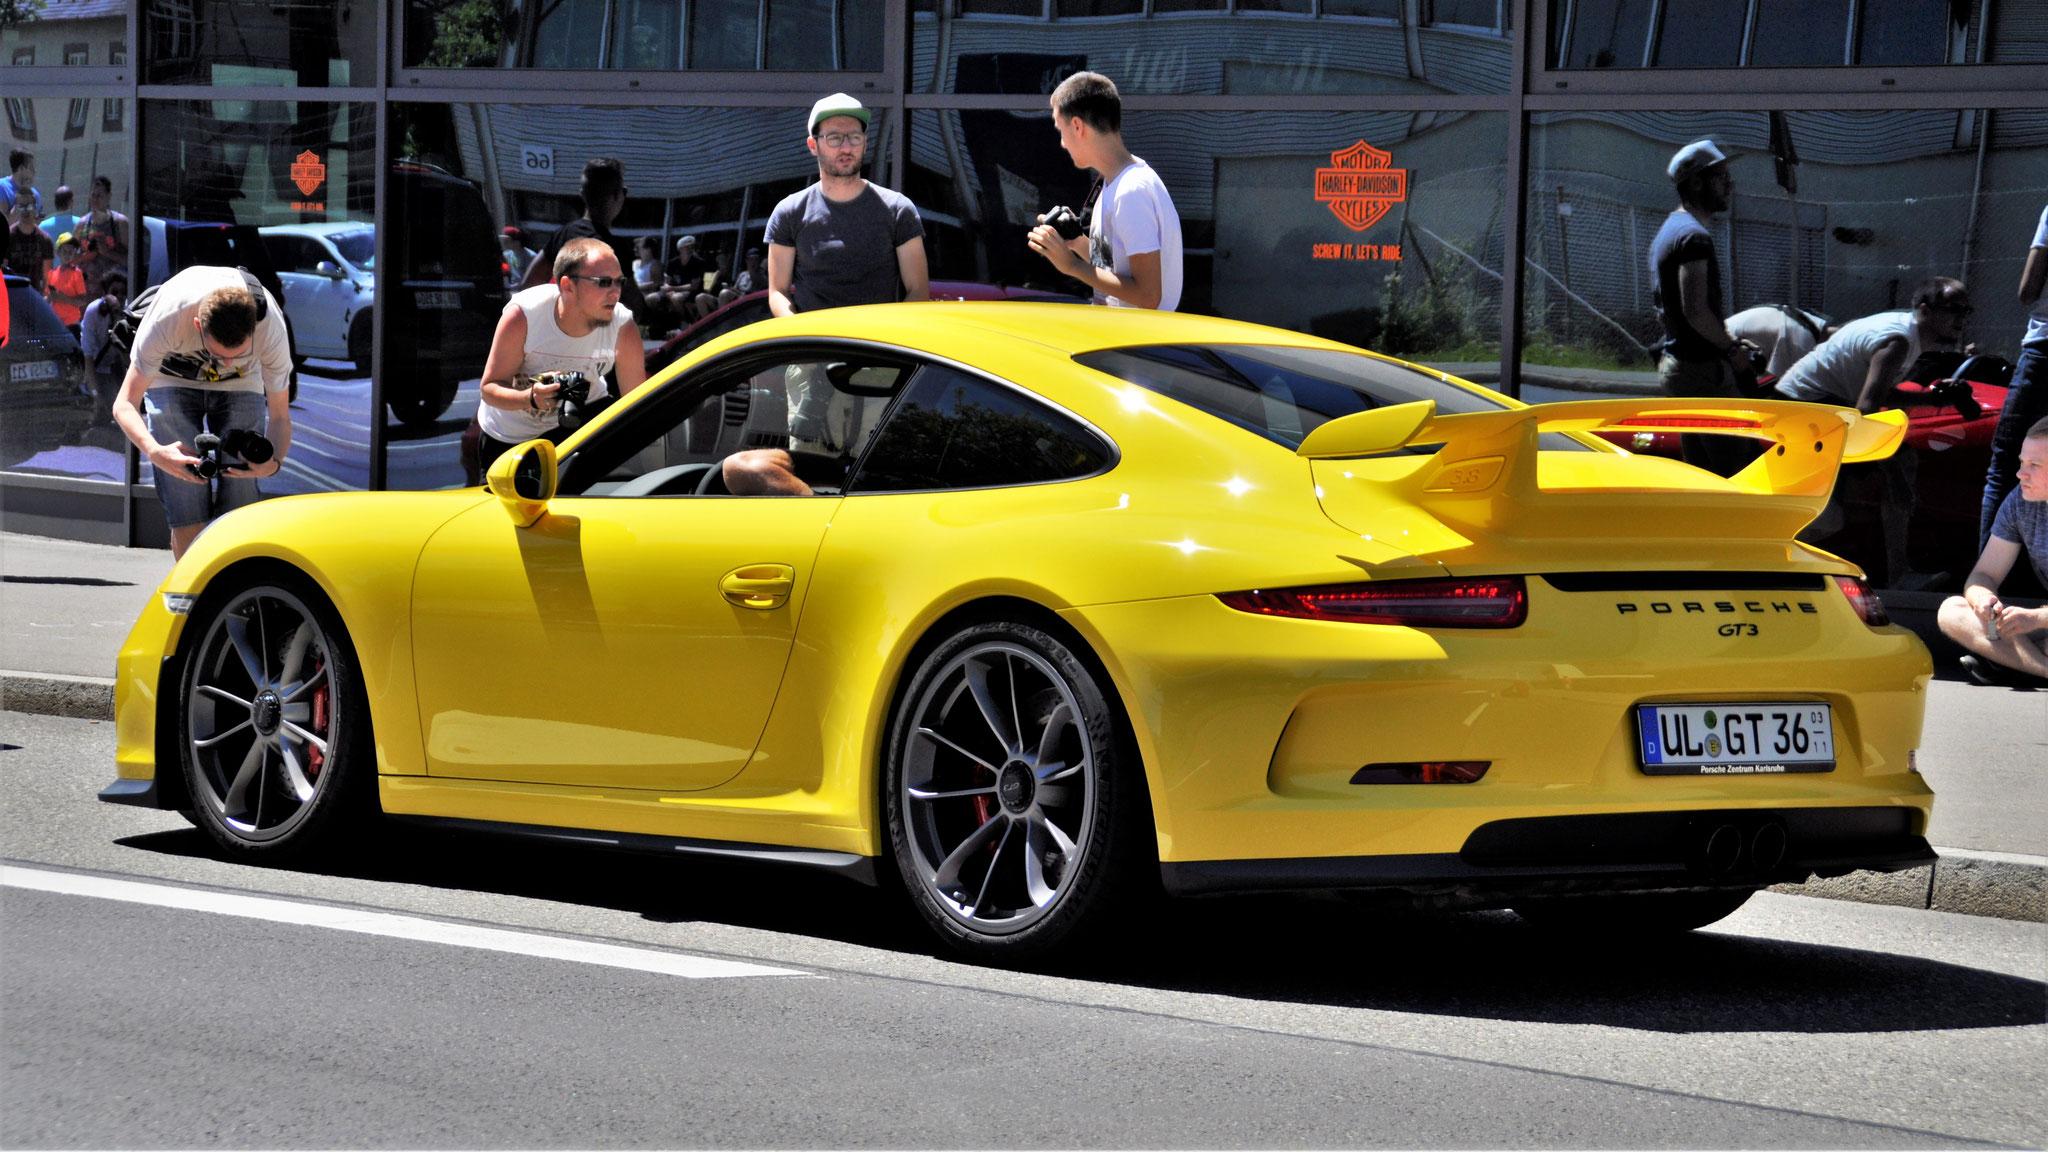 Porsche 991 GT3 - UL-GT-36